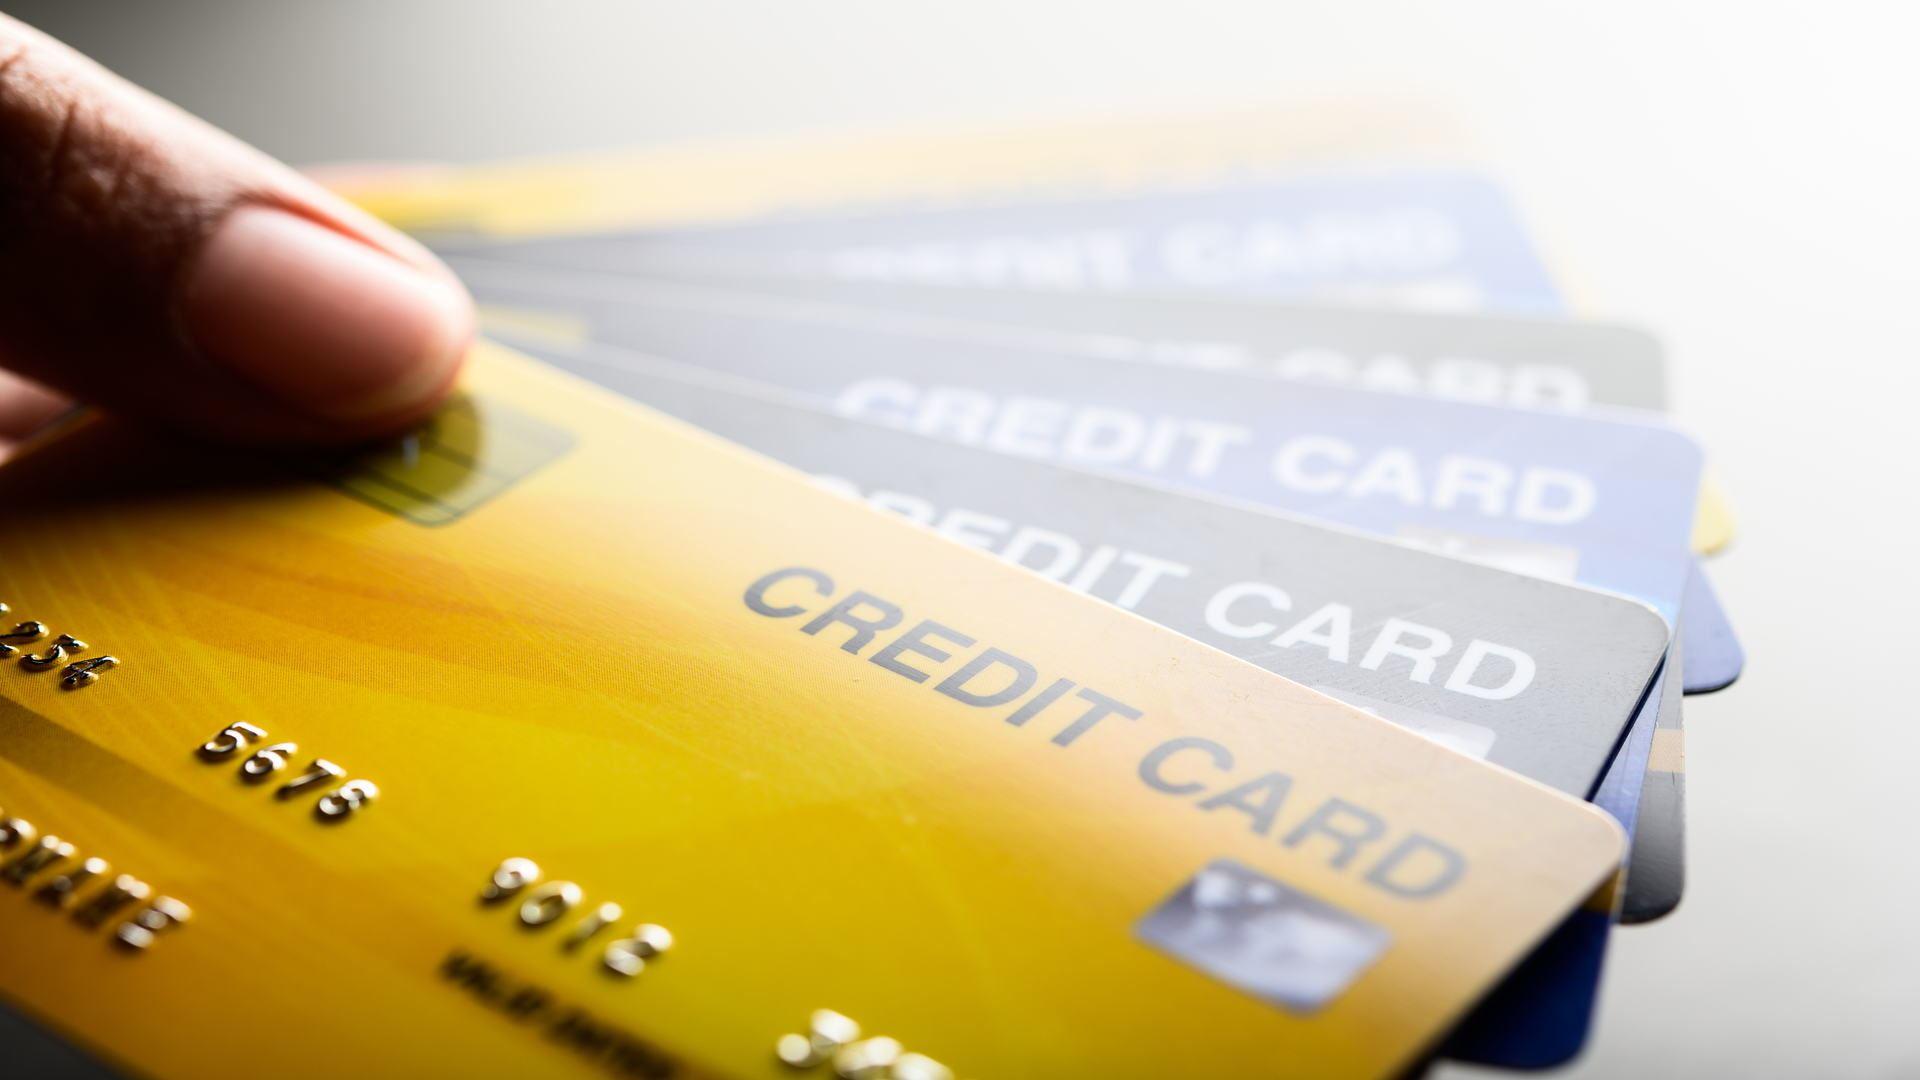 תמונת חוויה של כרטיסי אשראי